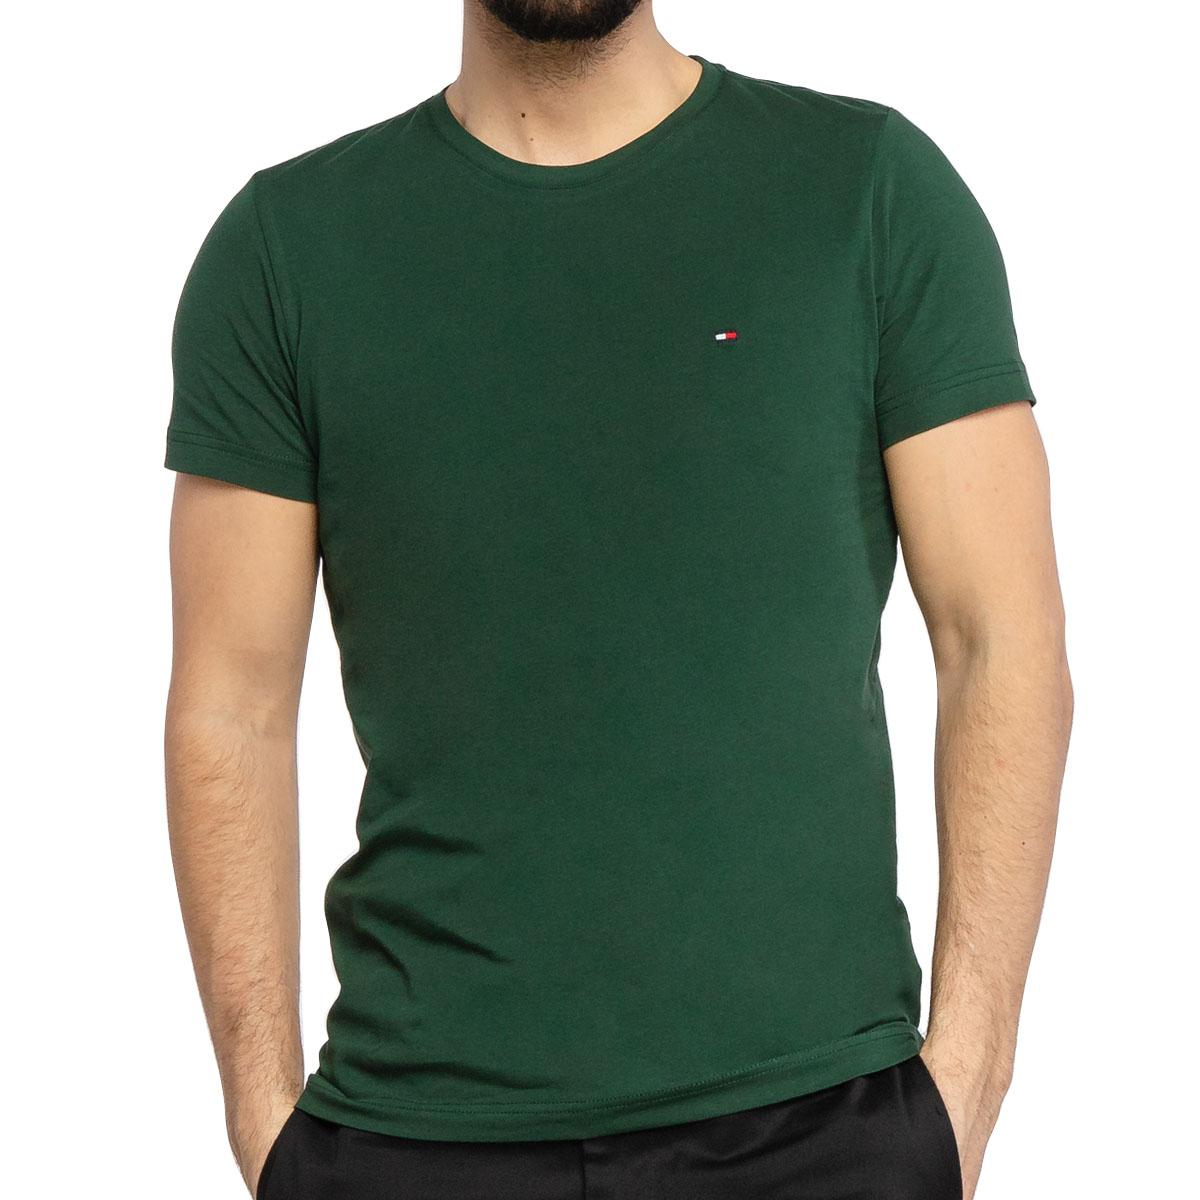 Camiseta Tommy Hilfiger Essential Cotton Tee Verde